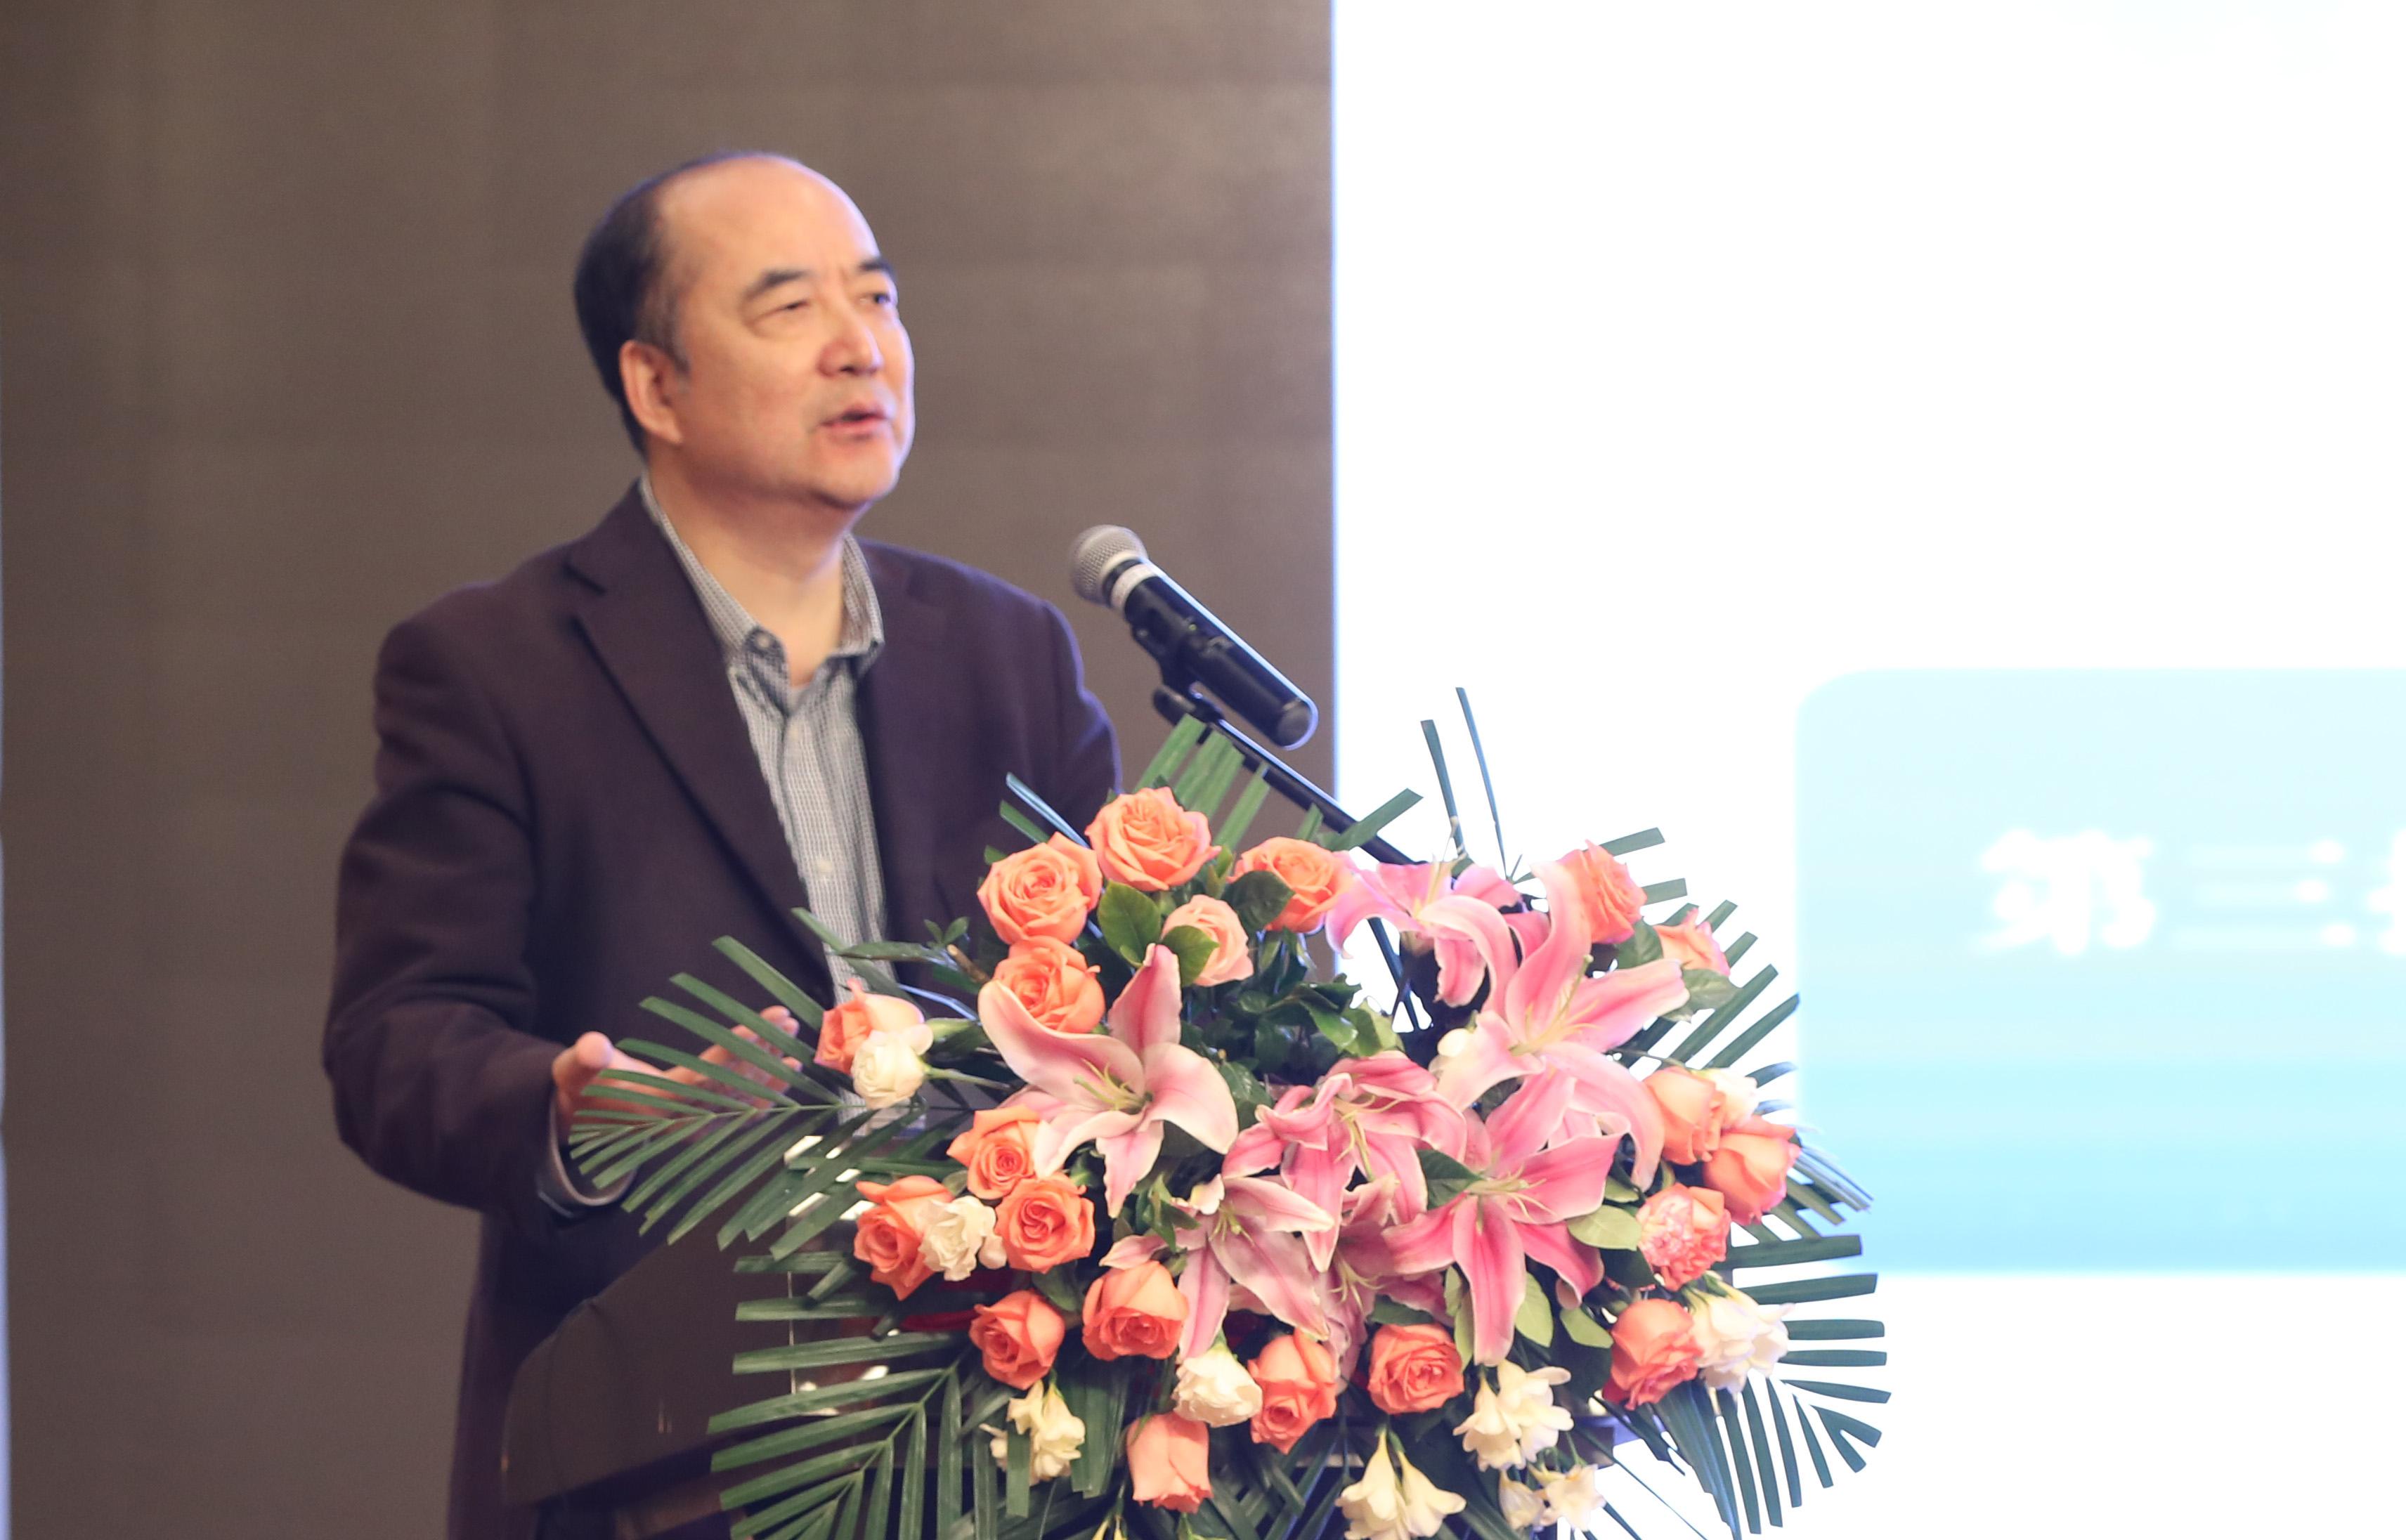 王兰明:医疗器械审评审批制度改革2018年工作进展及2019年工作展望